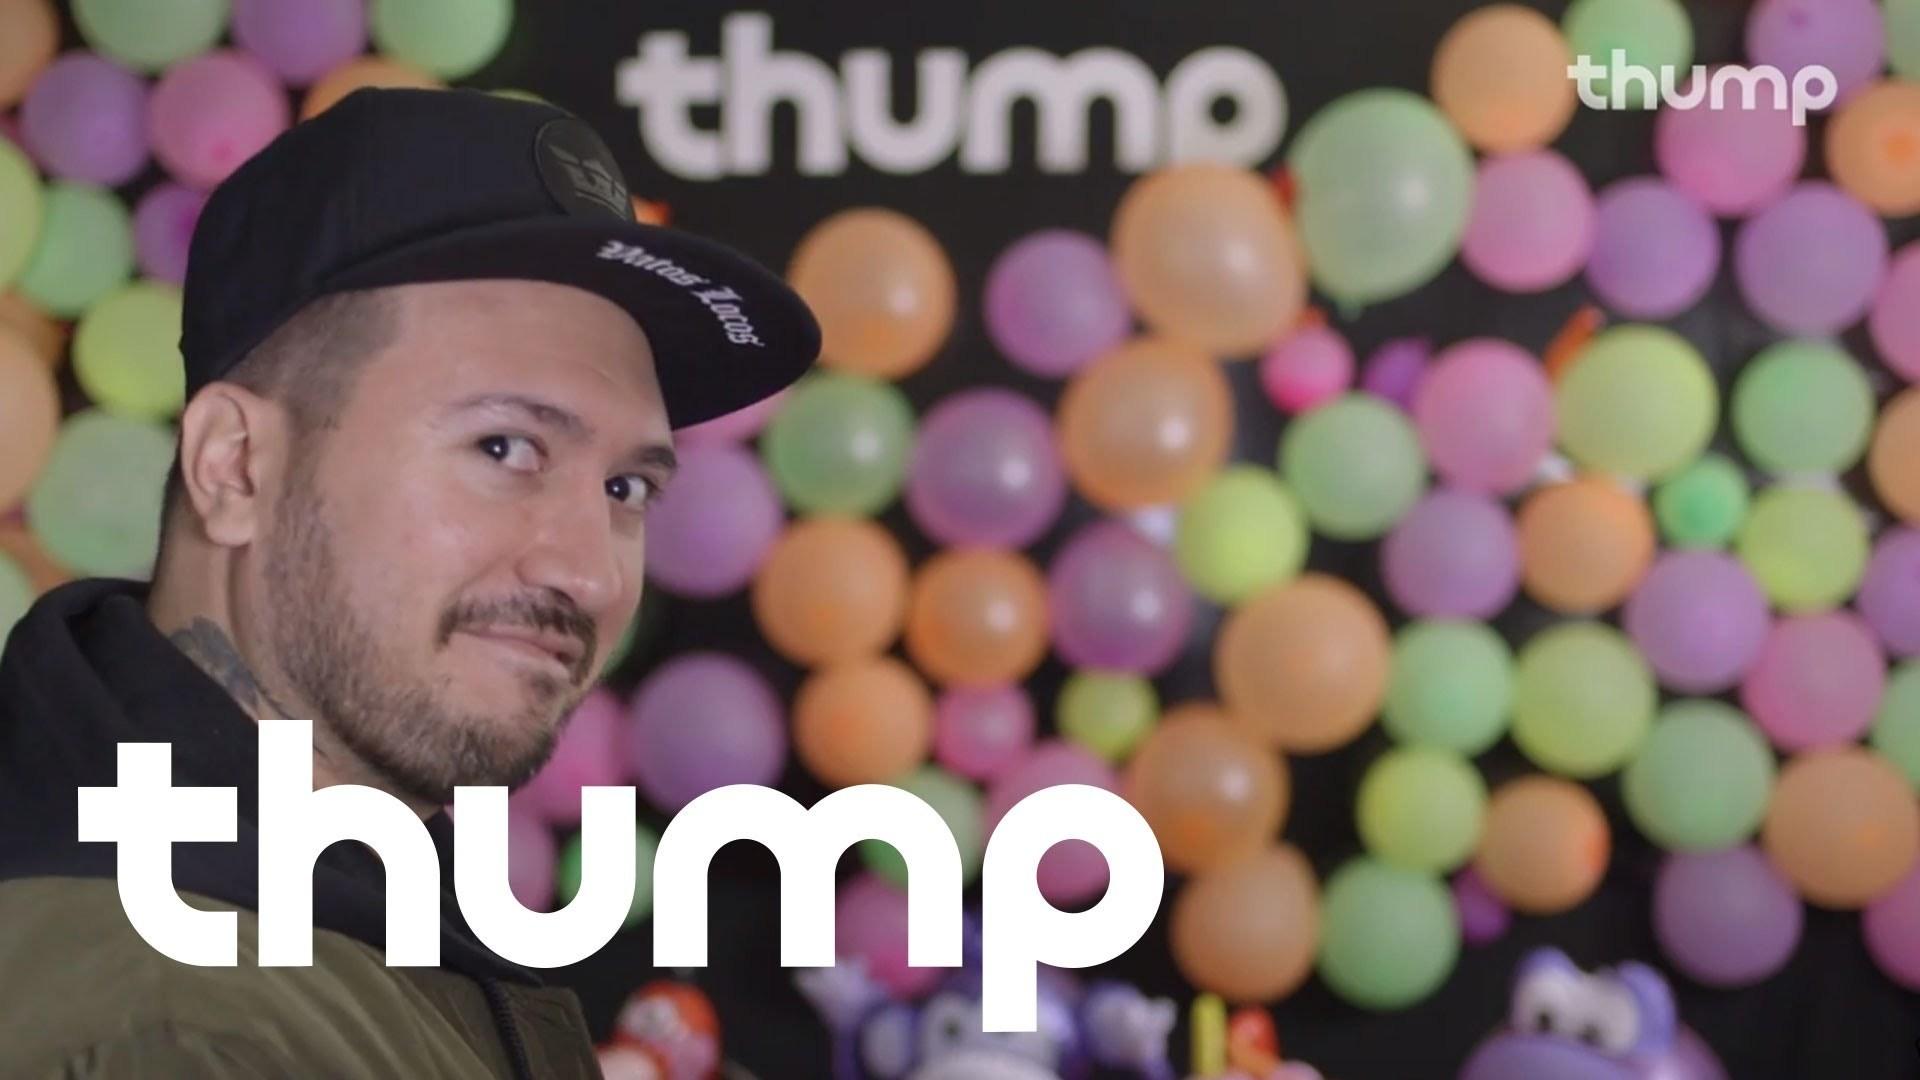 La Feria THUMP: Hector